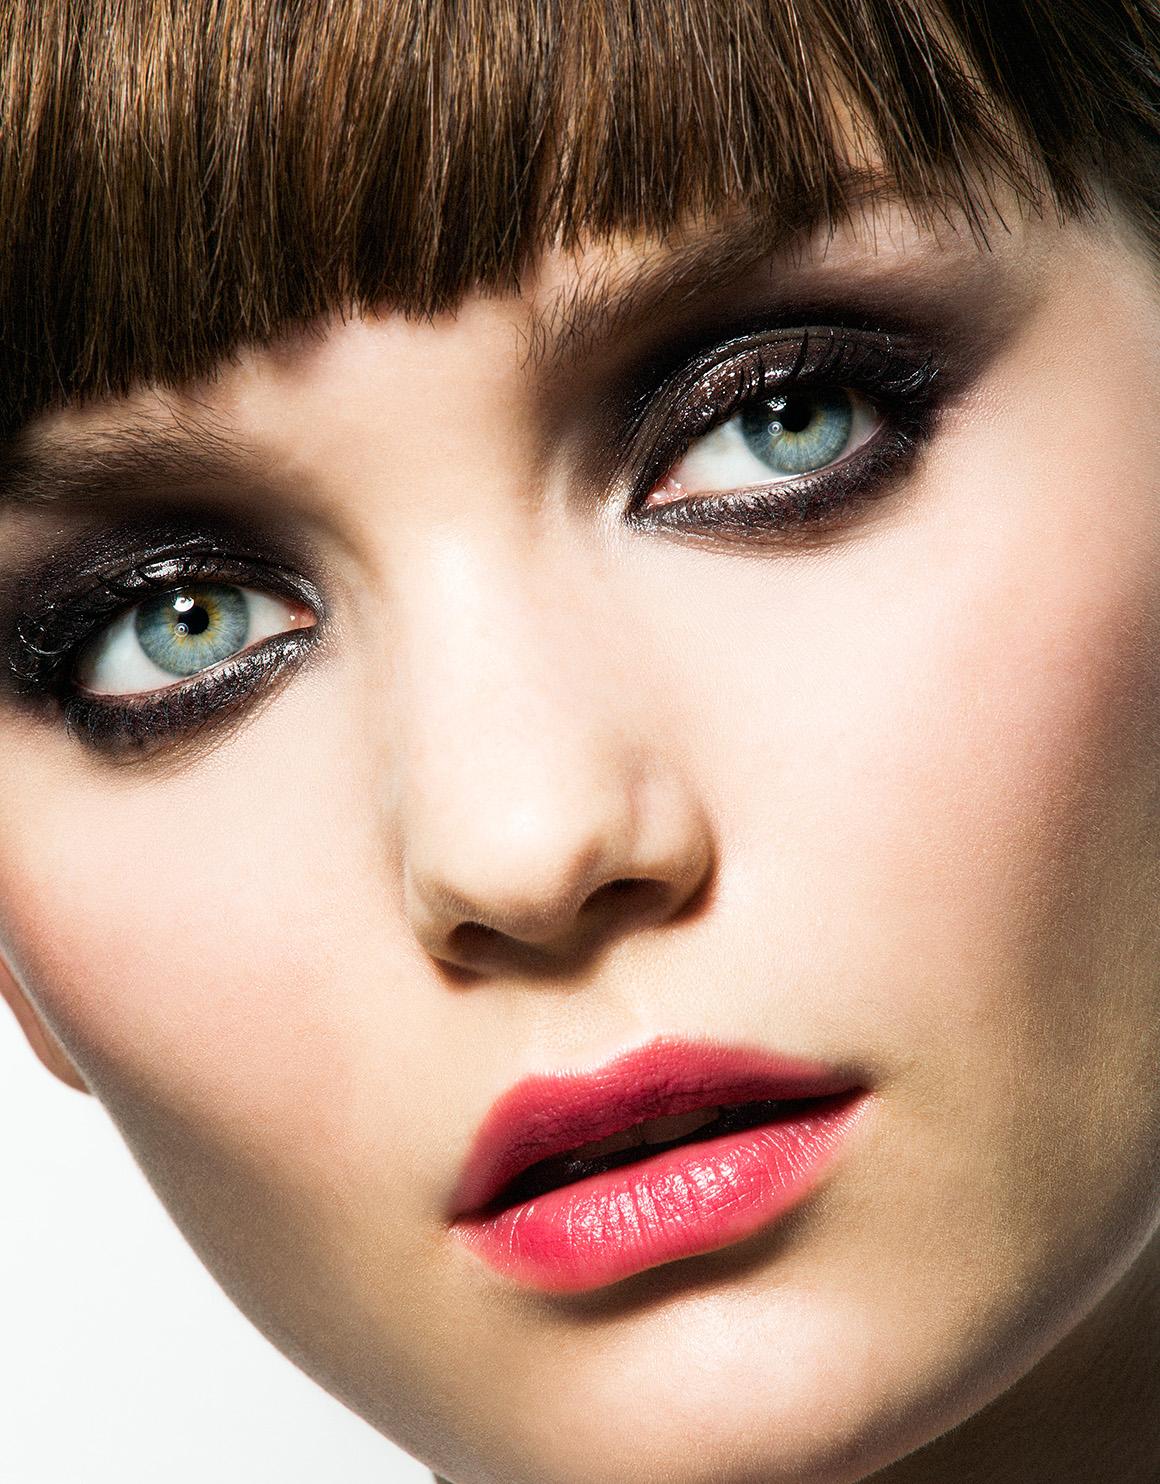 XL Semanal – Hair Manu Moreno & Make up by Agostino Faggiano